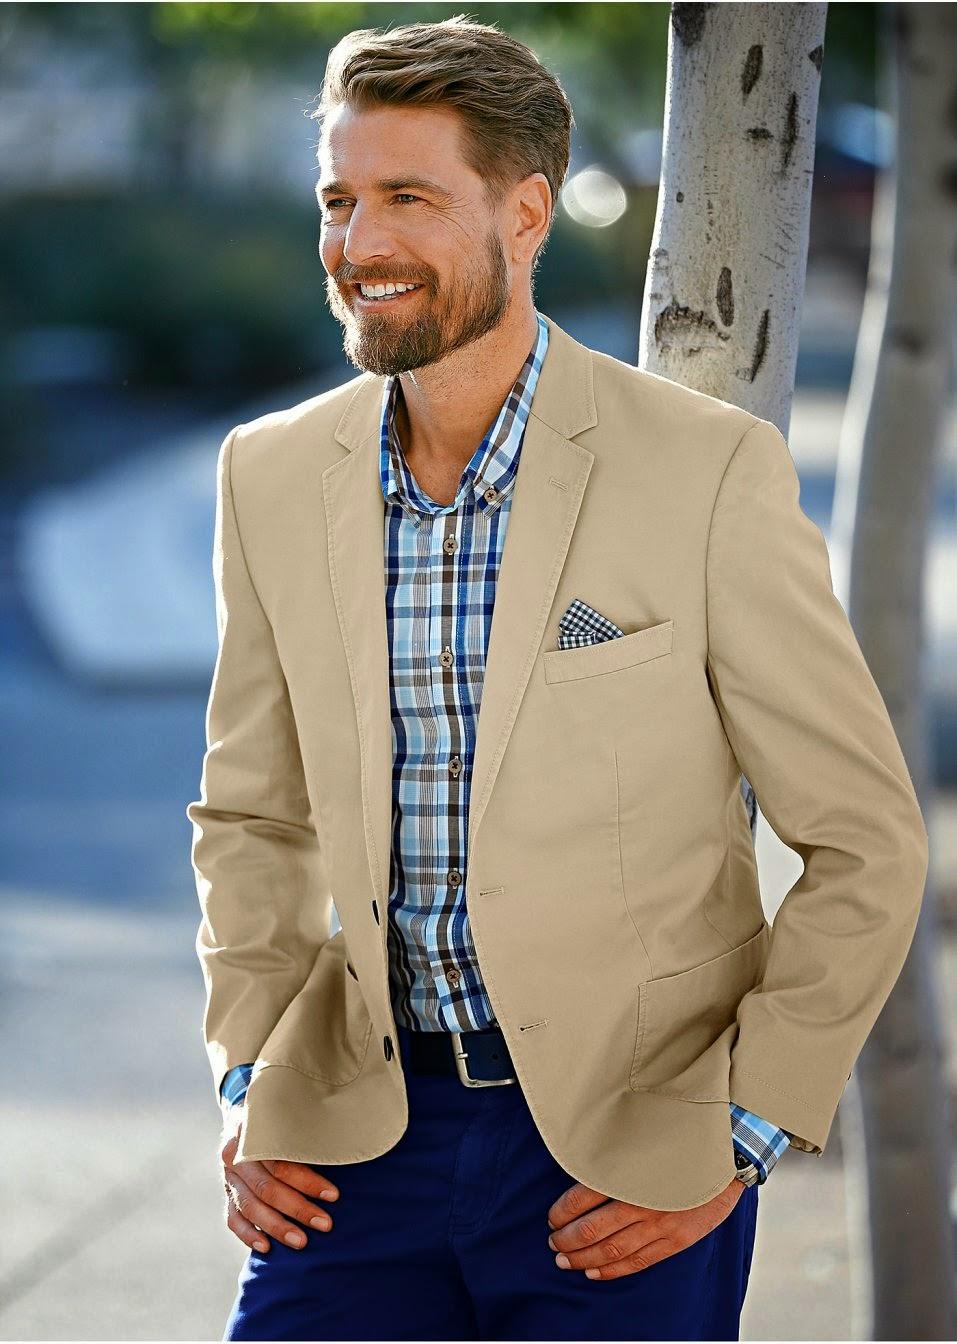 Sacourile de bărbat de la ZARA sunt tendință acest sezon. Cumpărați online sacouri cu carouri, casual, elegante, slim fit sau albe. Livrare gratuită la magazin.